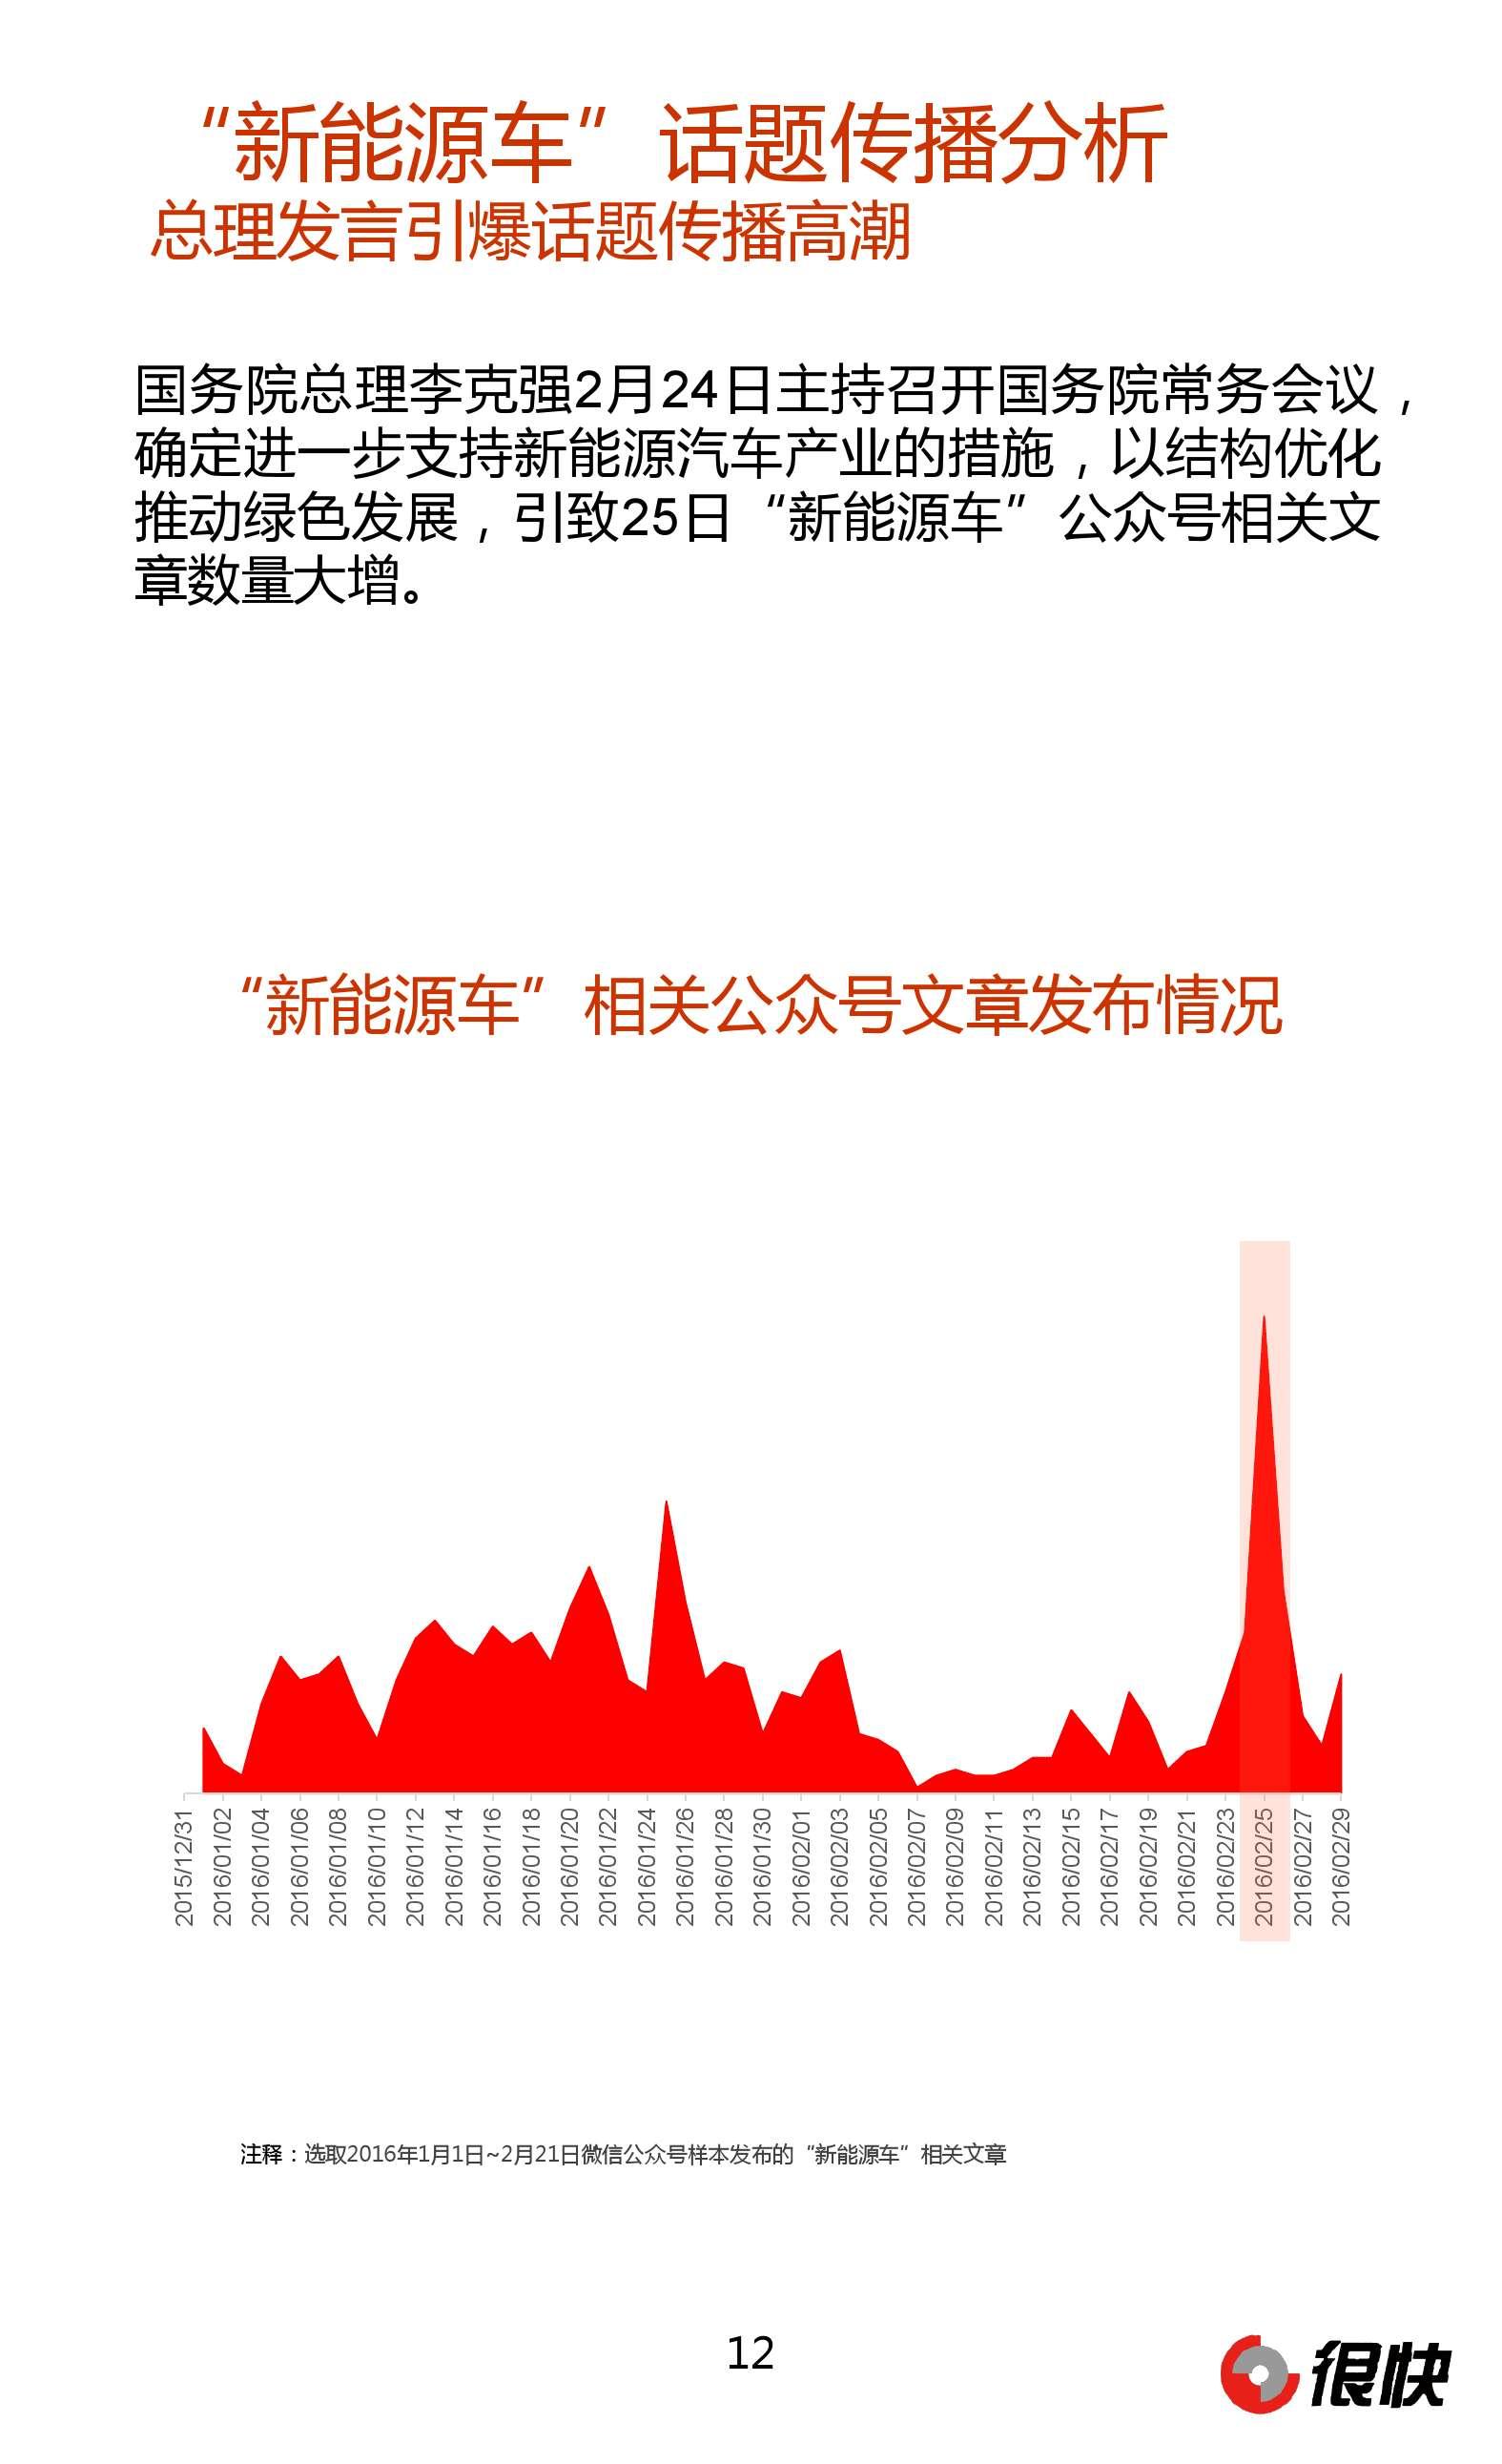 Henkuai-中国汽车后市场微信公众号数据洞察报告_000012